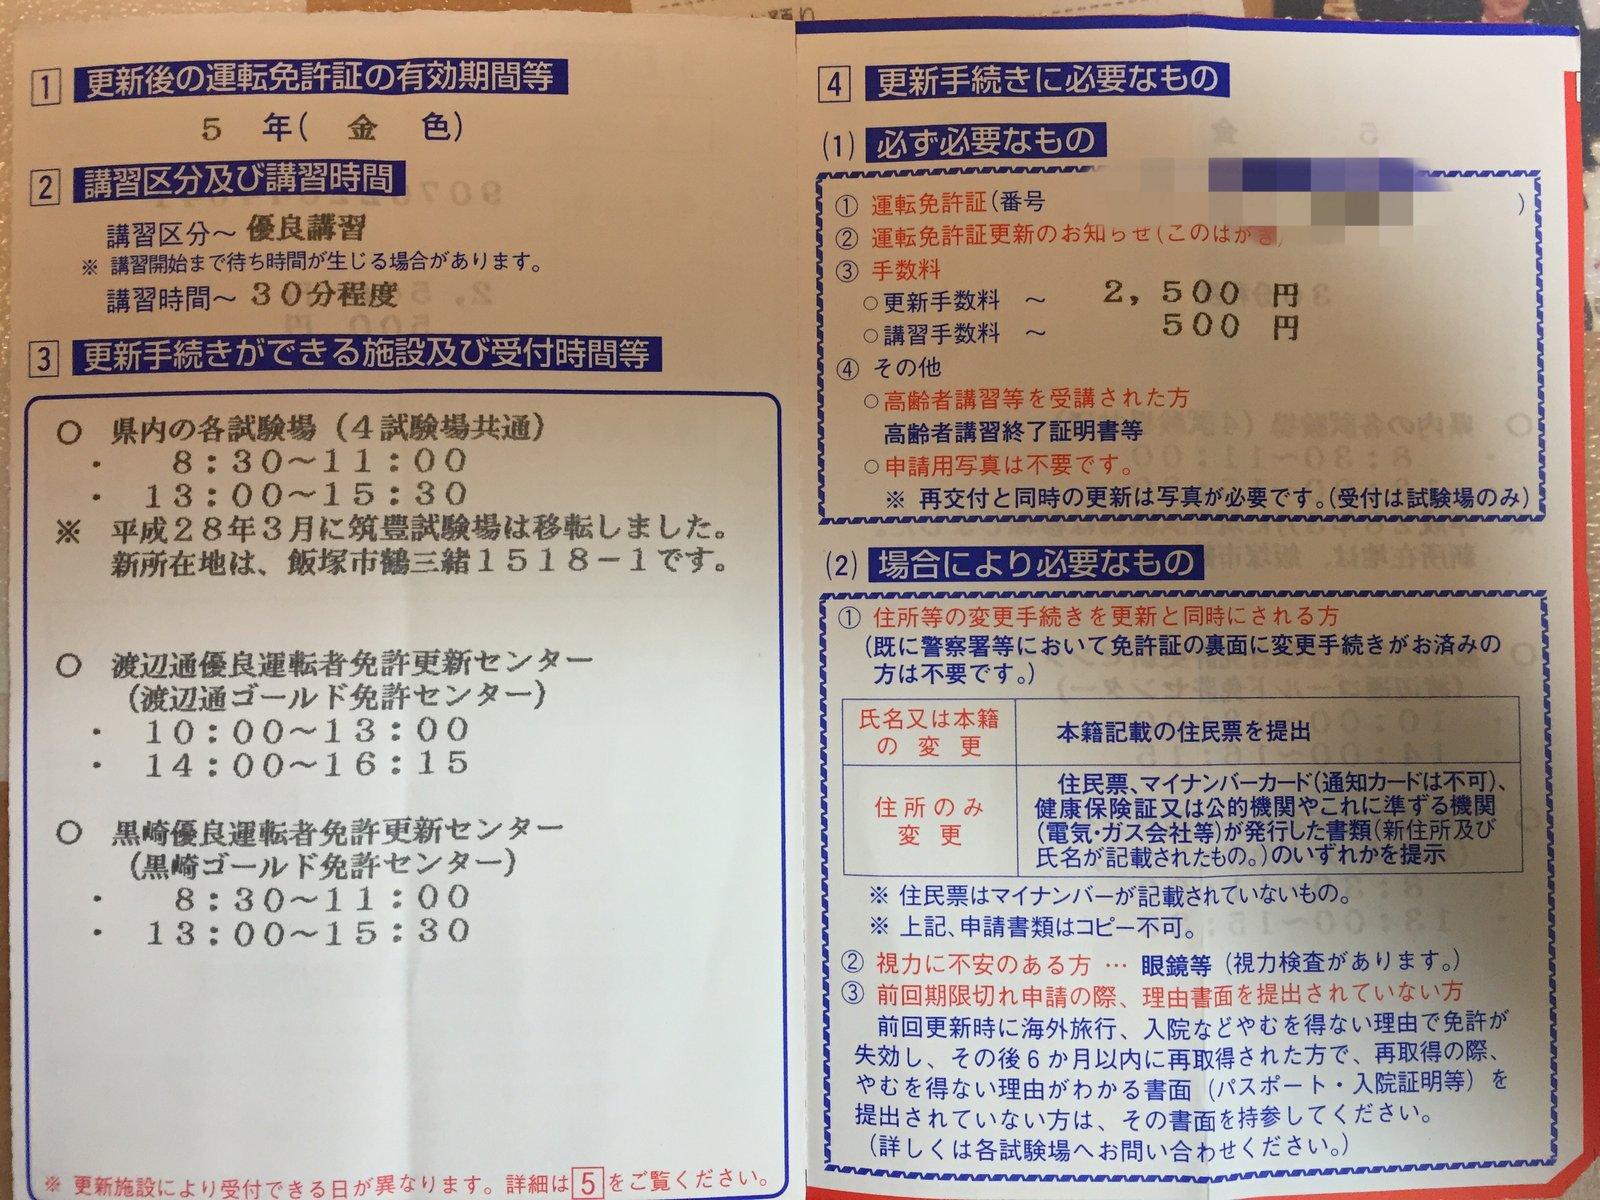 渡辺通優良運転者免許更新センター コロナ